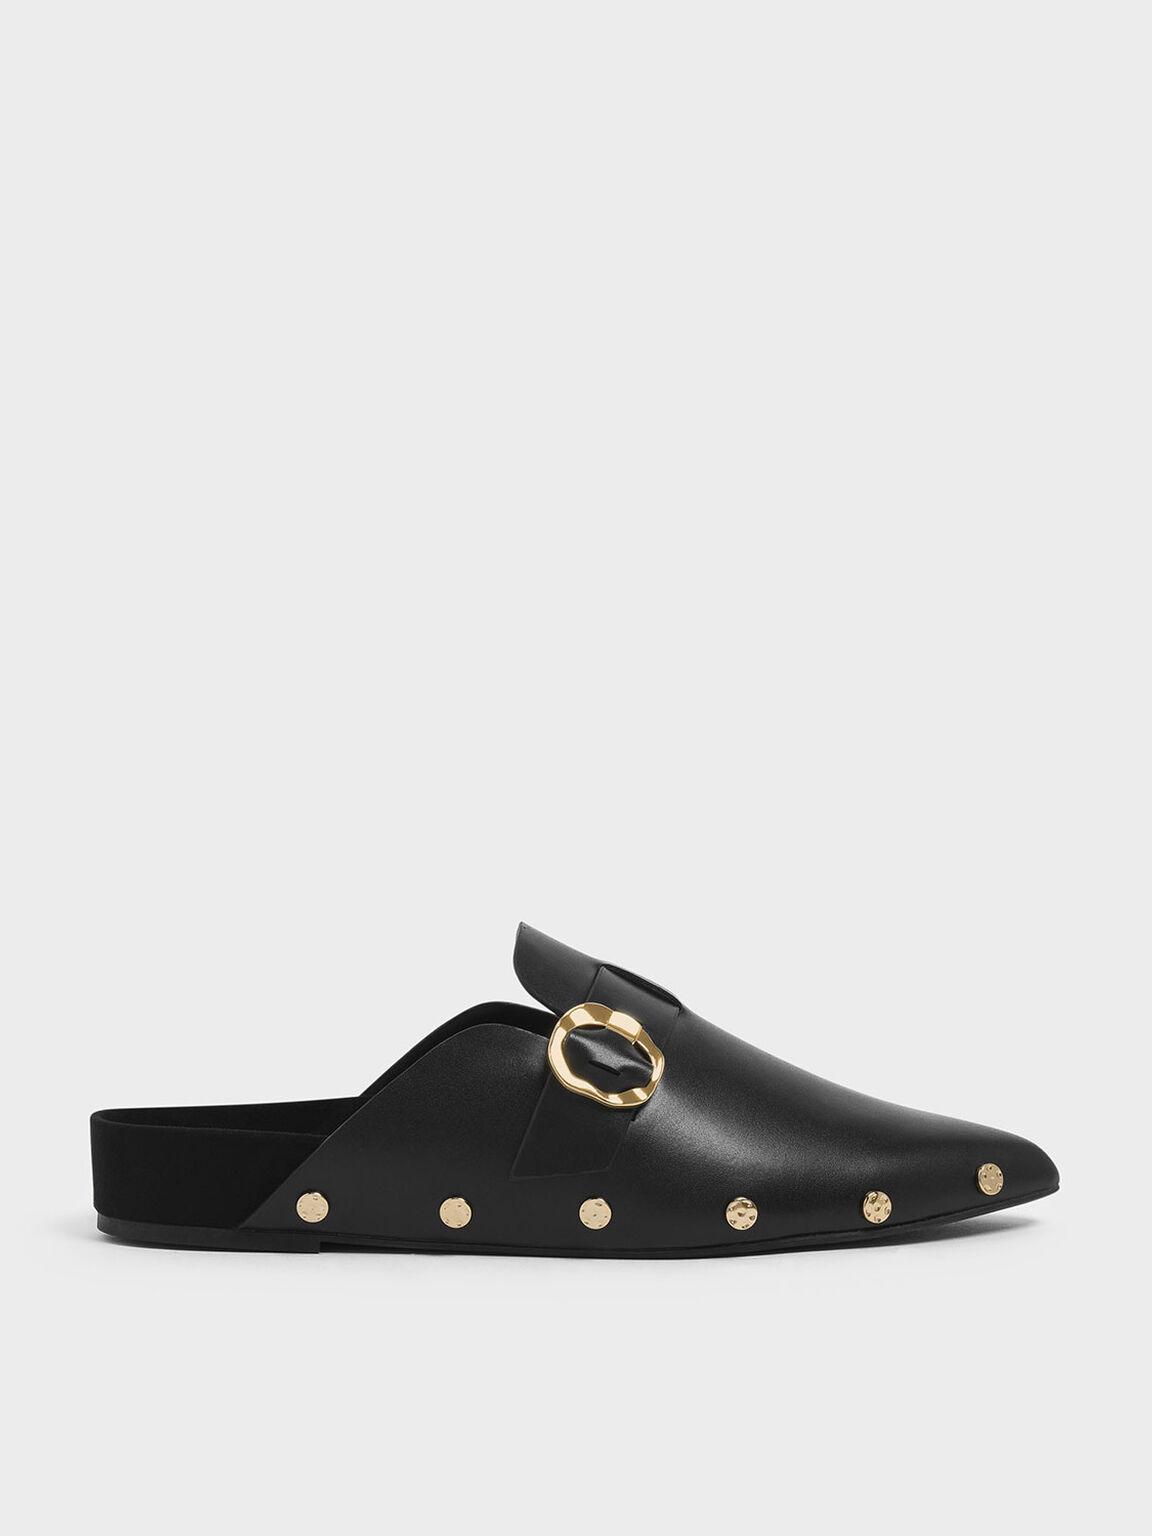 鉚釘穆勒拖鞋, 黑色, hi-res